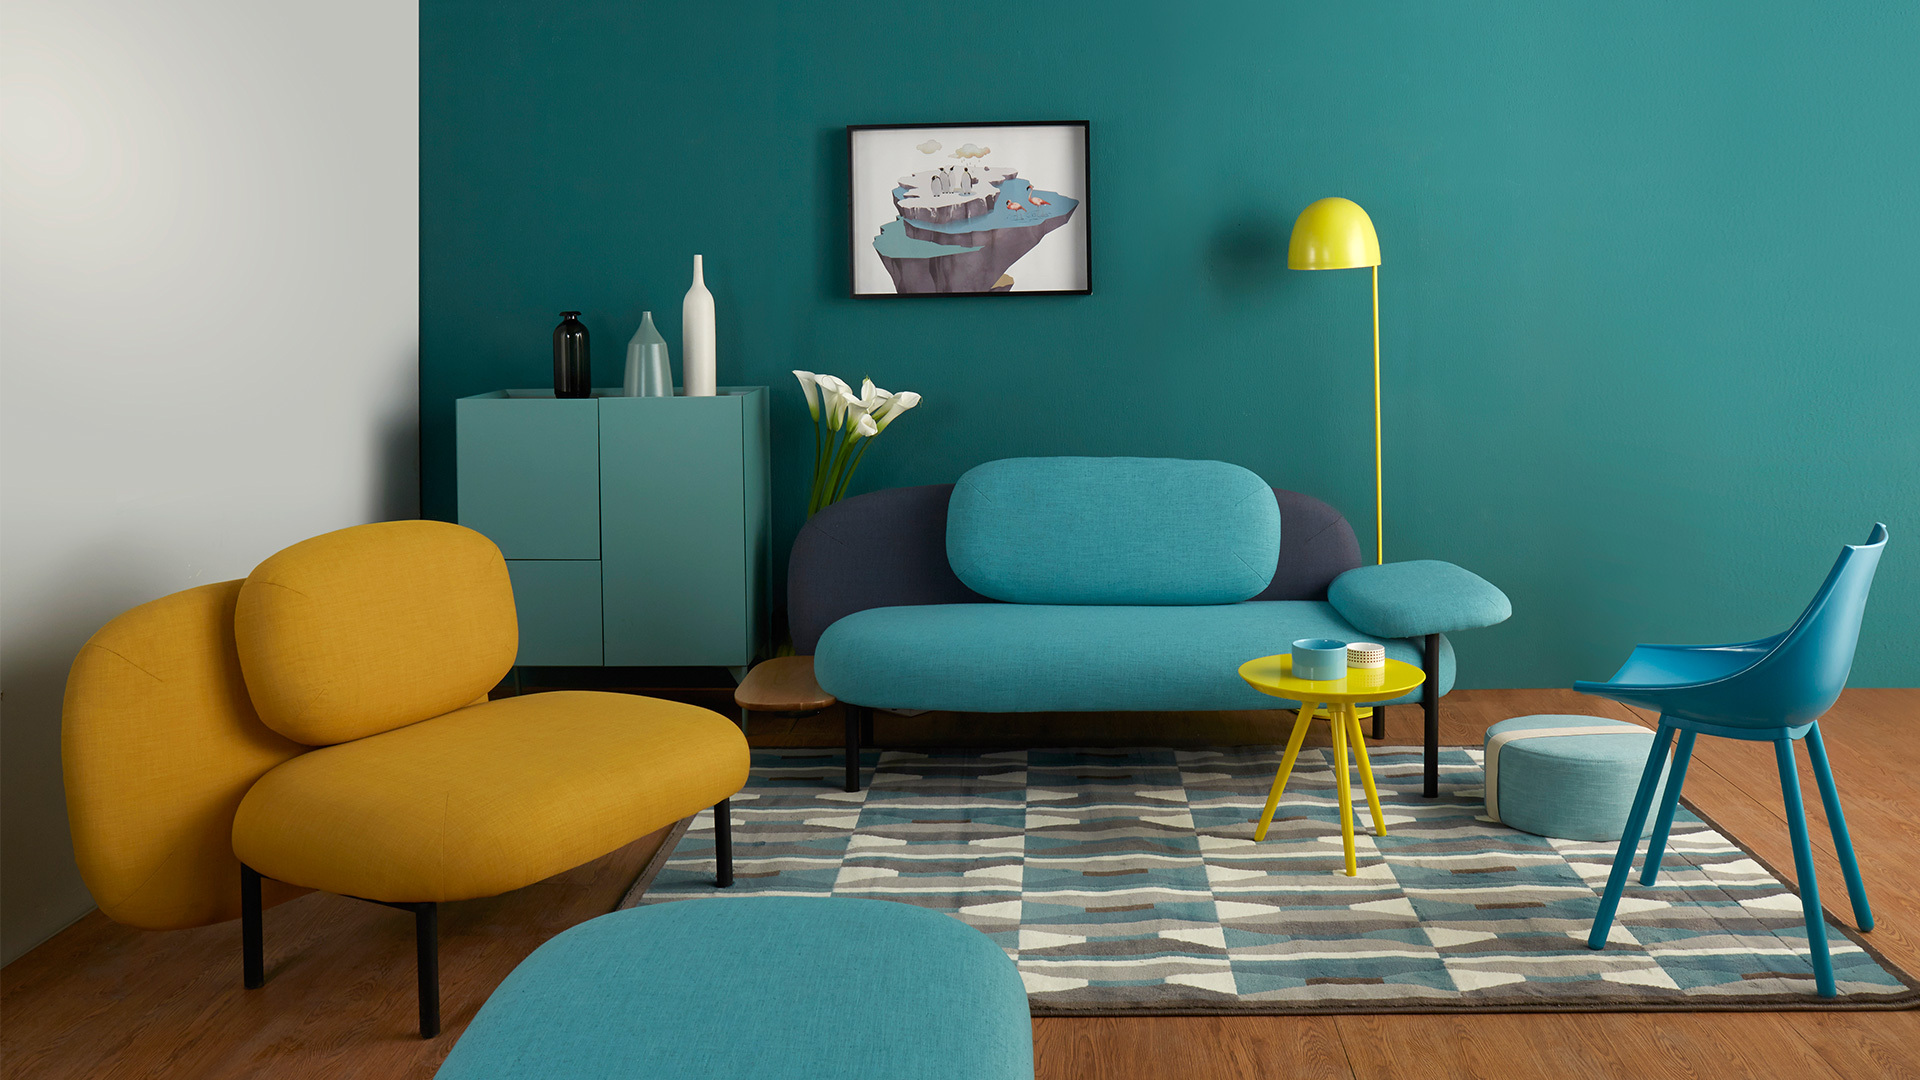 一个年轻有活力的客厅,丰富的色彩搭配是一方面,懂得在空间内制造有趣的层次,才是聪明有腔调的做法。柠黄水母灯的纤细身姿置于沙发后,把空间的错落马上拉开,沙发对角加上优雅的丝绸椅,立添一抹轻快。